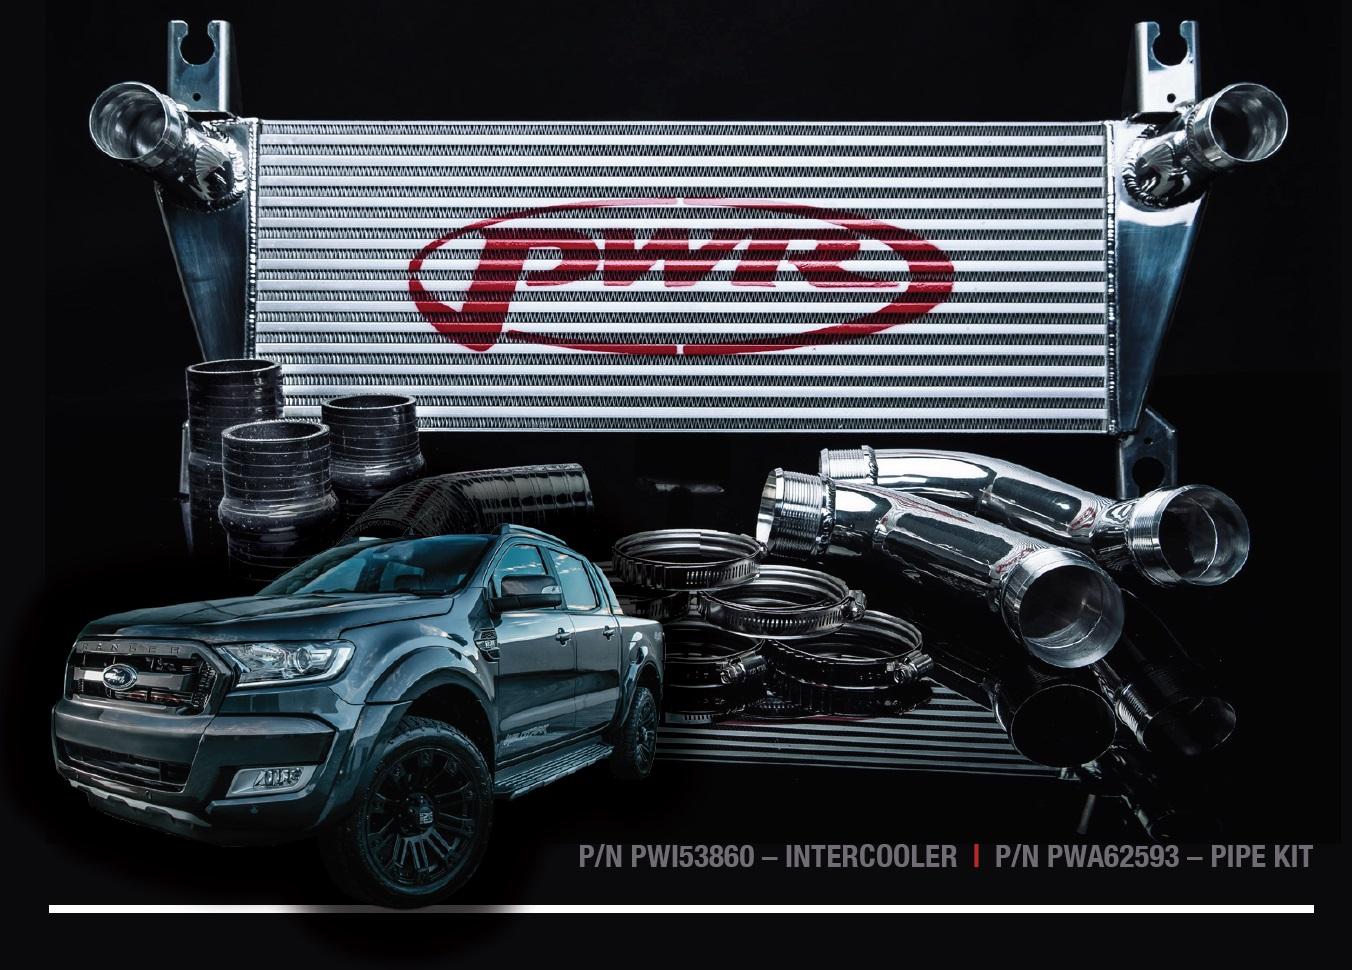 Ford Ranger PX 3.2 TD intercooler kit.-0